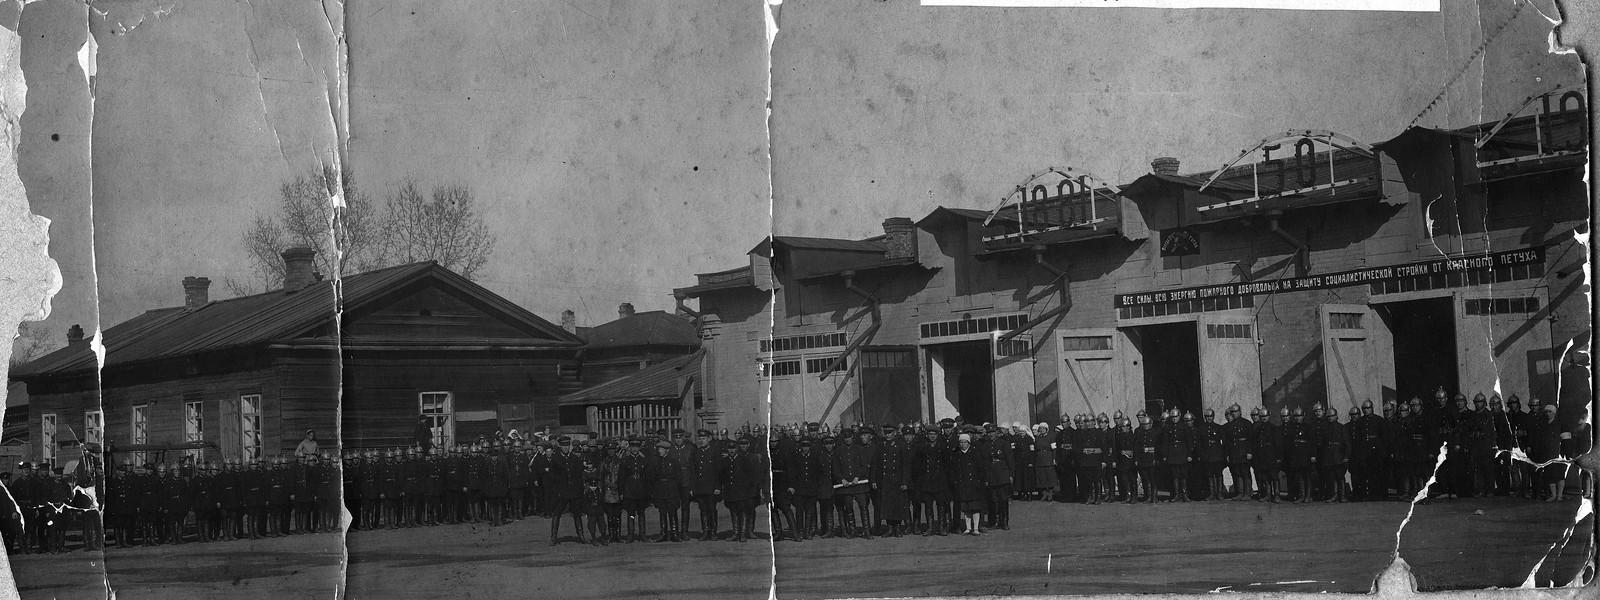 1931. Празднование 50-летия Добровольной пожарной дружины